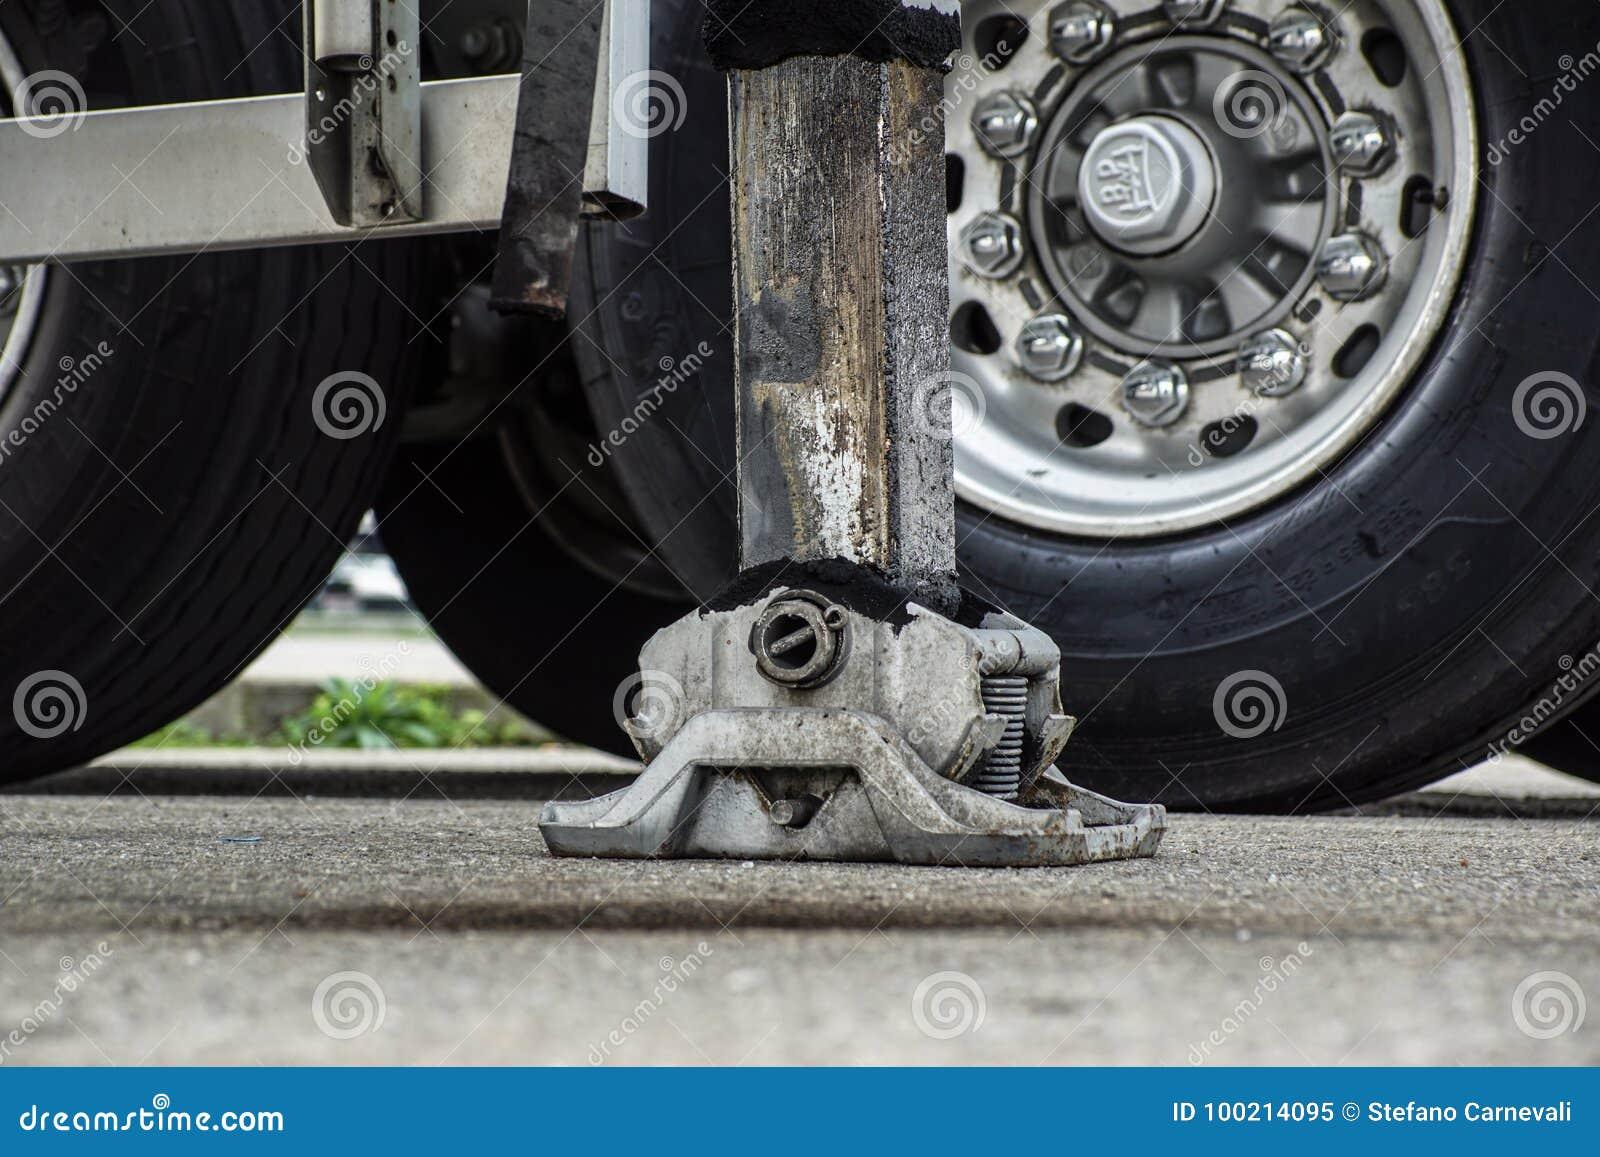 Estabilizador lateral prolongado da guiga do caminhão Apoio ao guindaste telescópico móvel